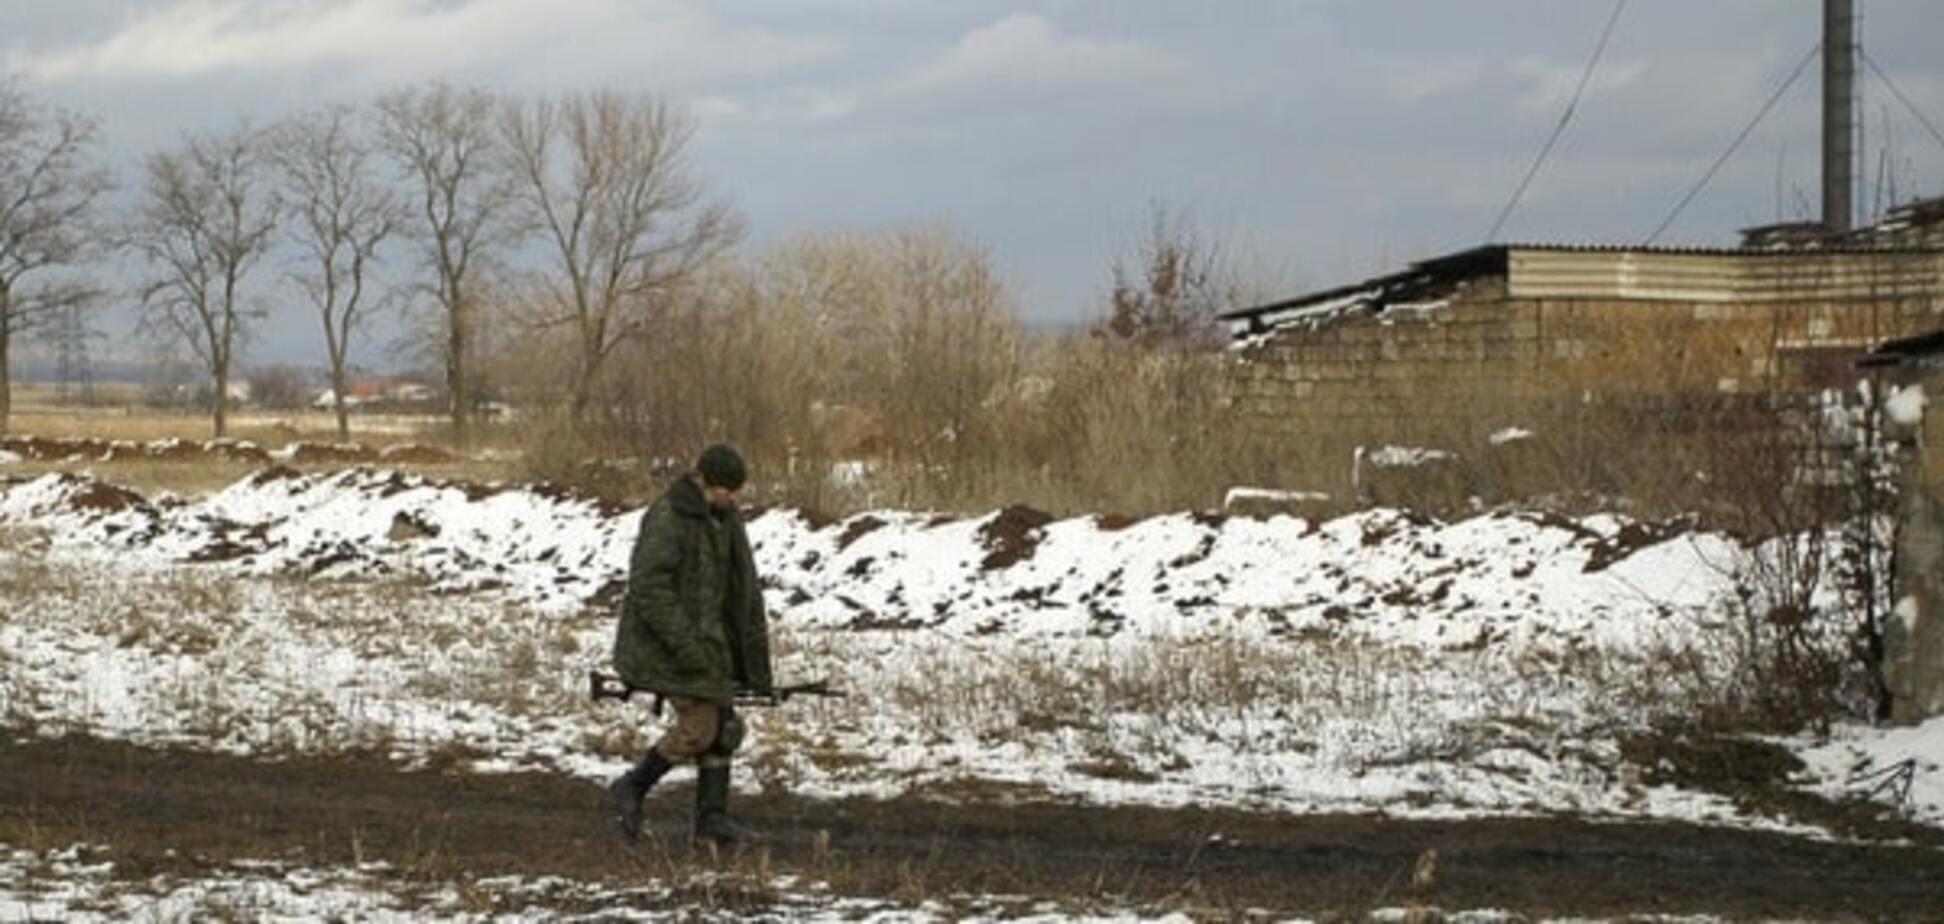 Розстріл підлеглих і пограбування АЗС: розвідка донесла про нові 'подвиги' терористів 'ДНР'